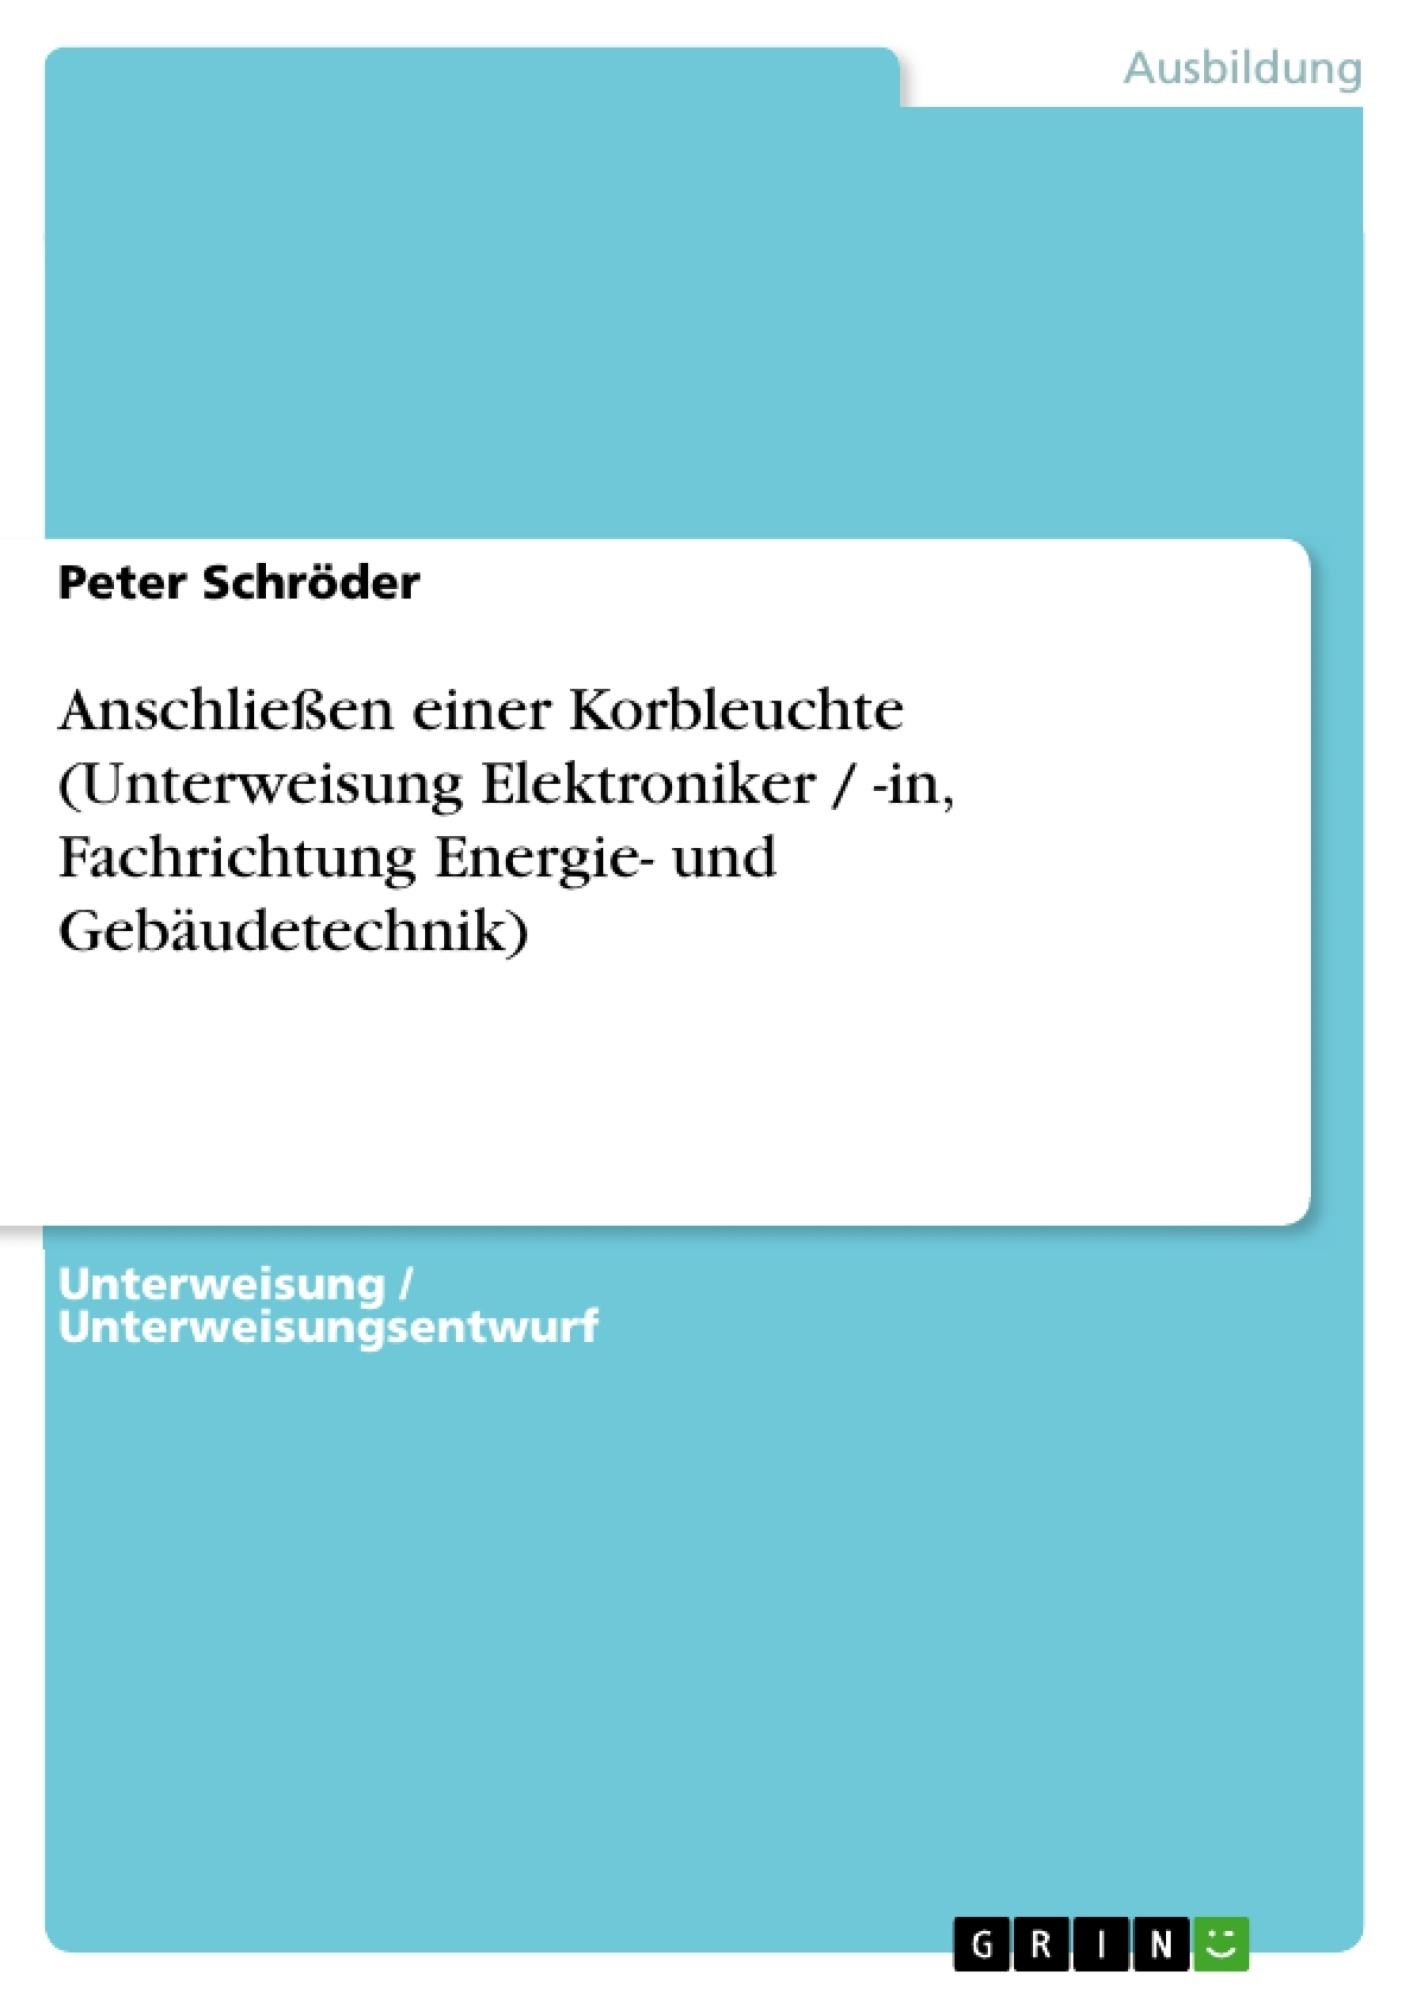 Titel: Anschließen einer Korbleuchte (Unterweisung Elektroniker / -in, Fachrichtung Energie- und Gebäudetechnik)